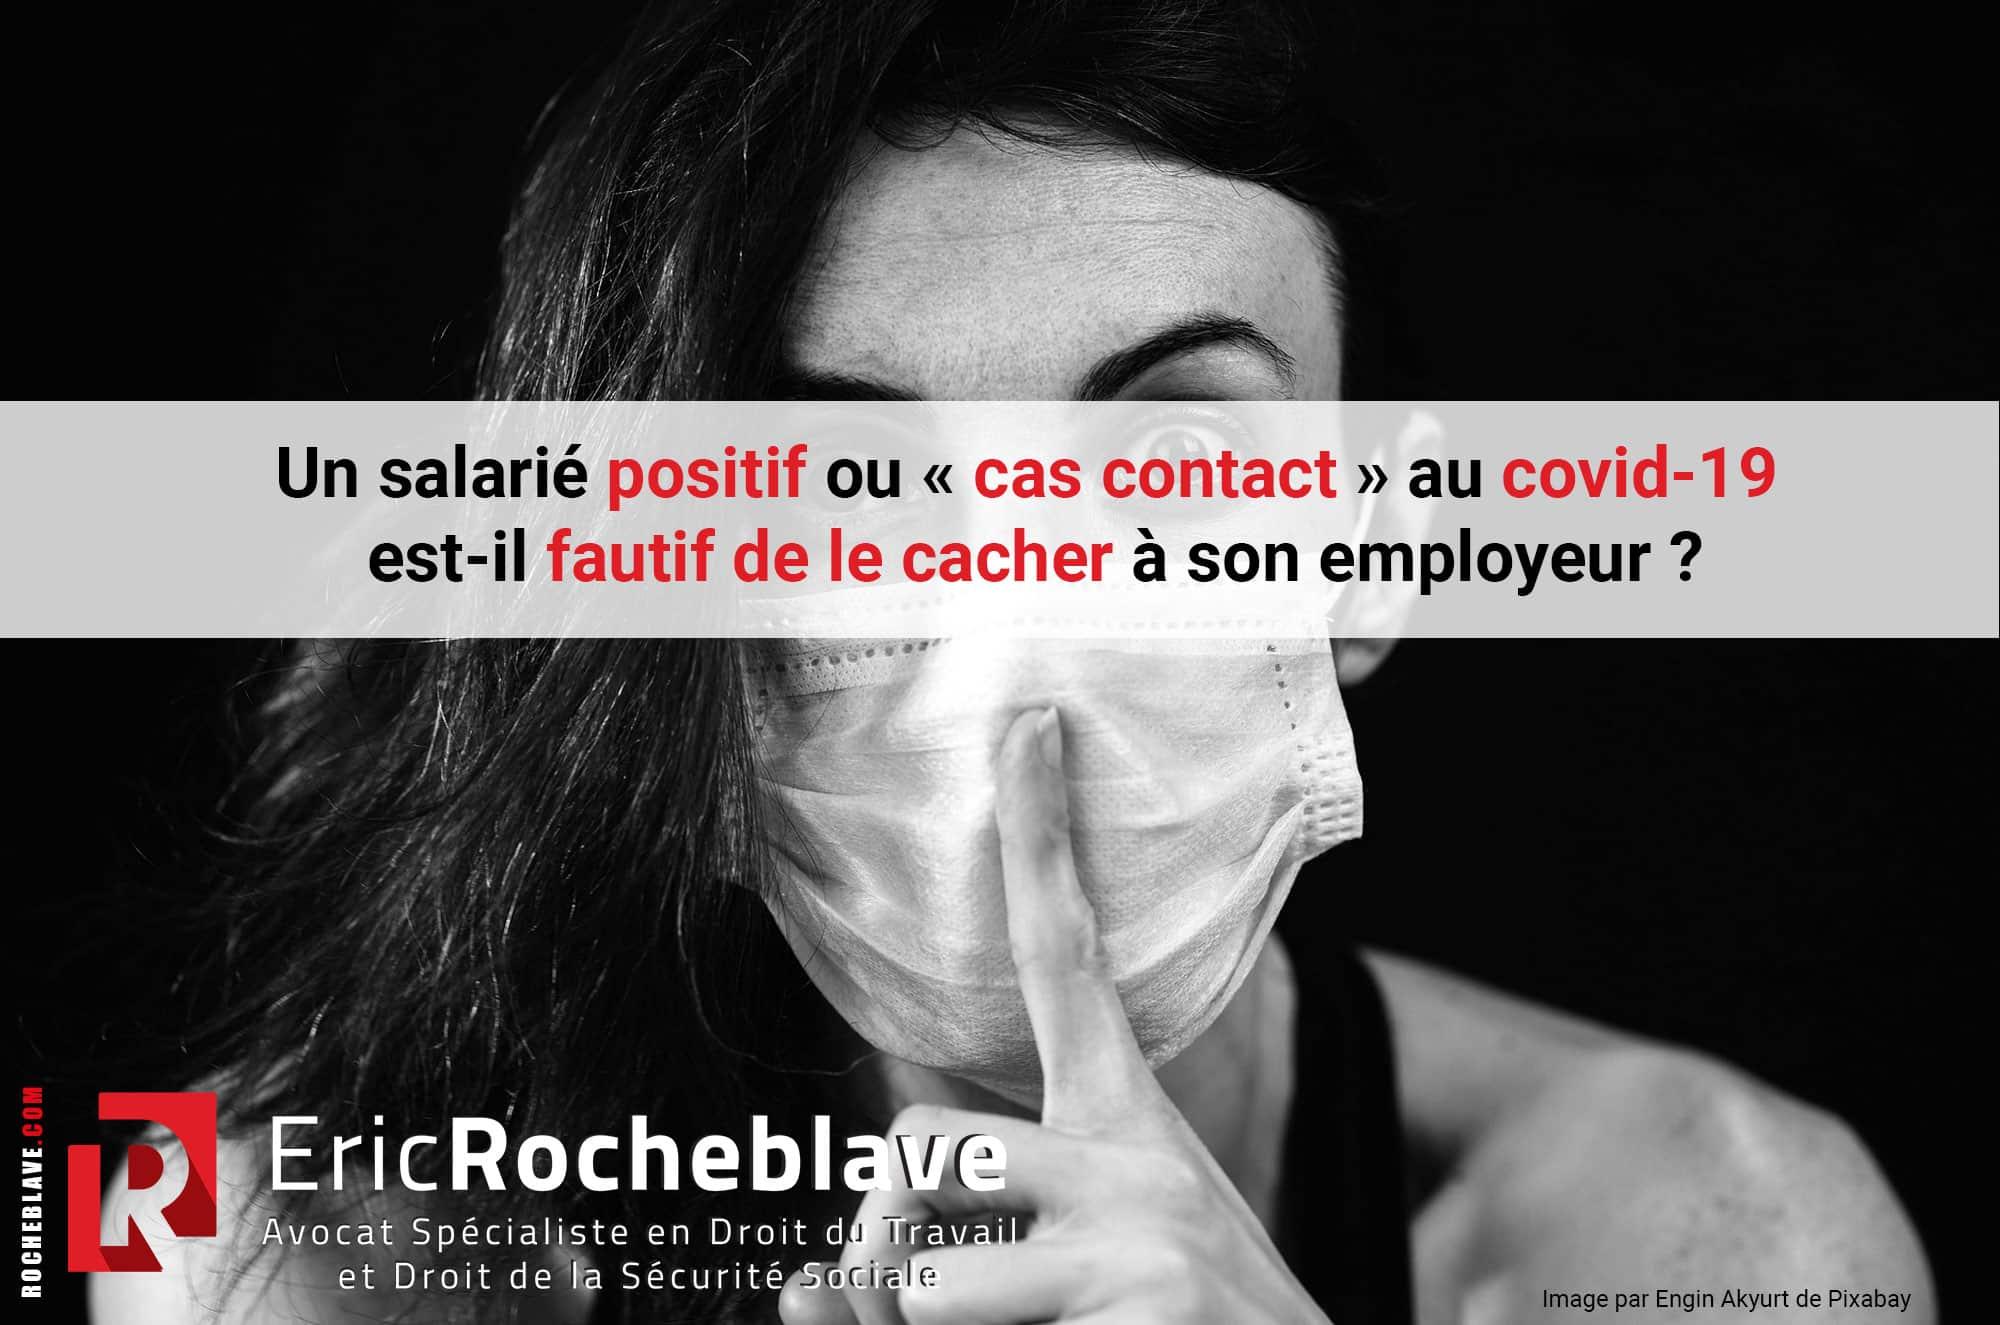 Un salarié positif ou « cas contact » au covid-19 est-il fautif de le cacher à son employeur ?